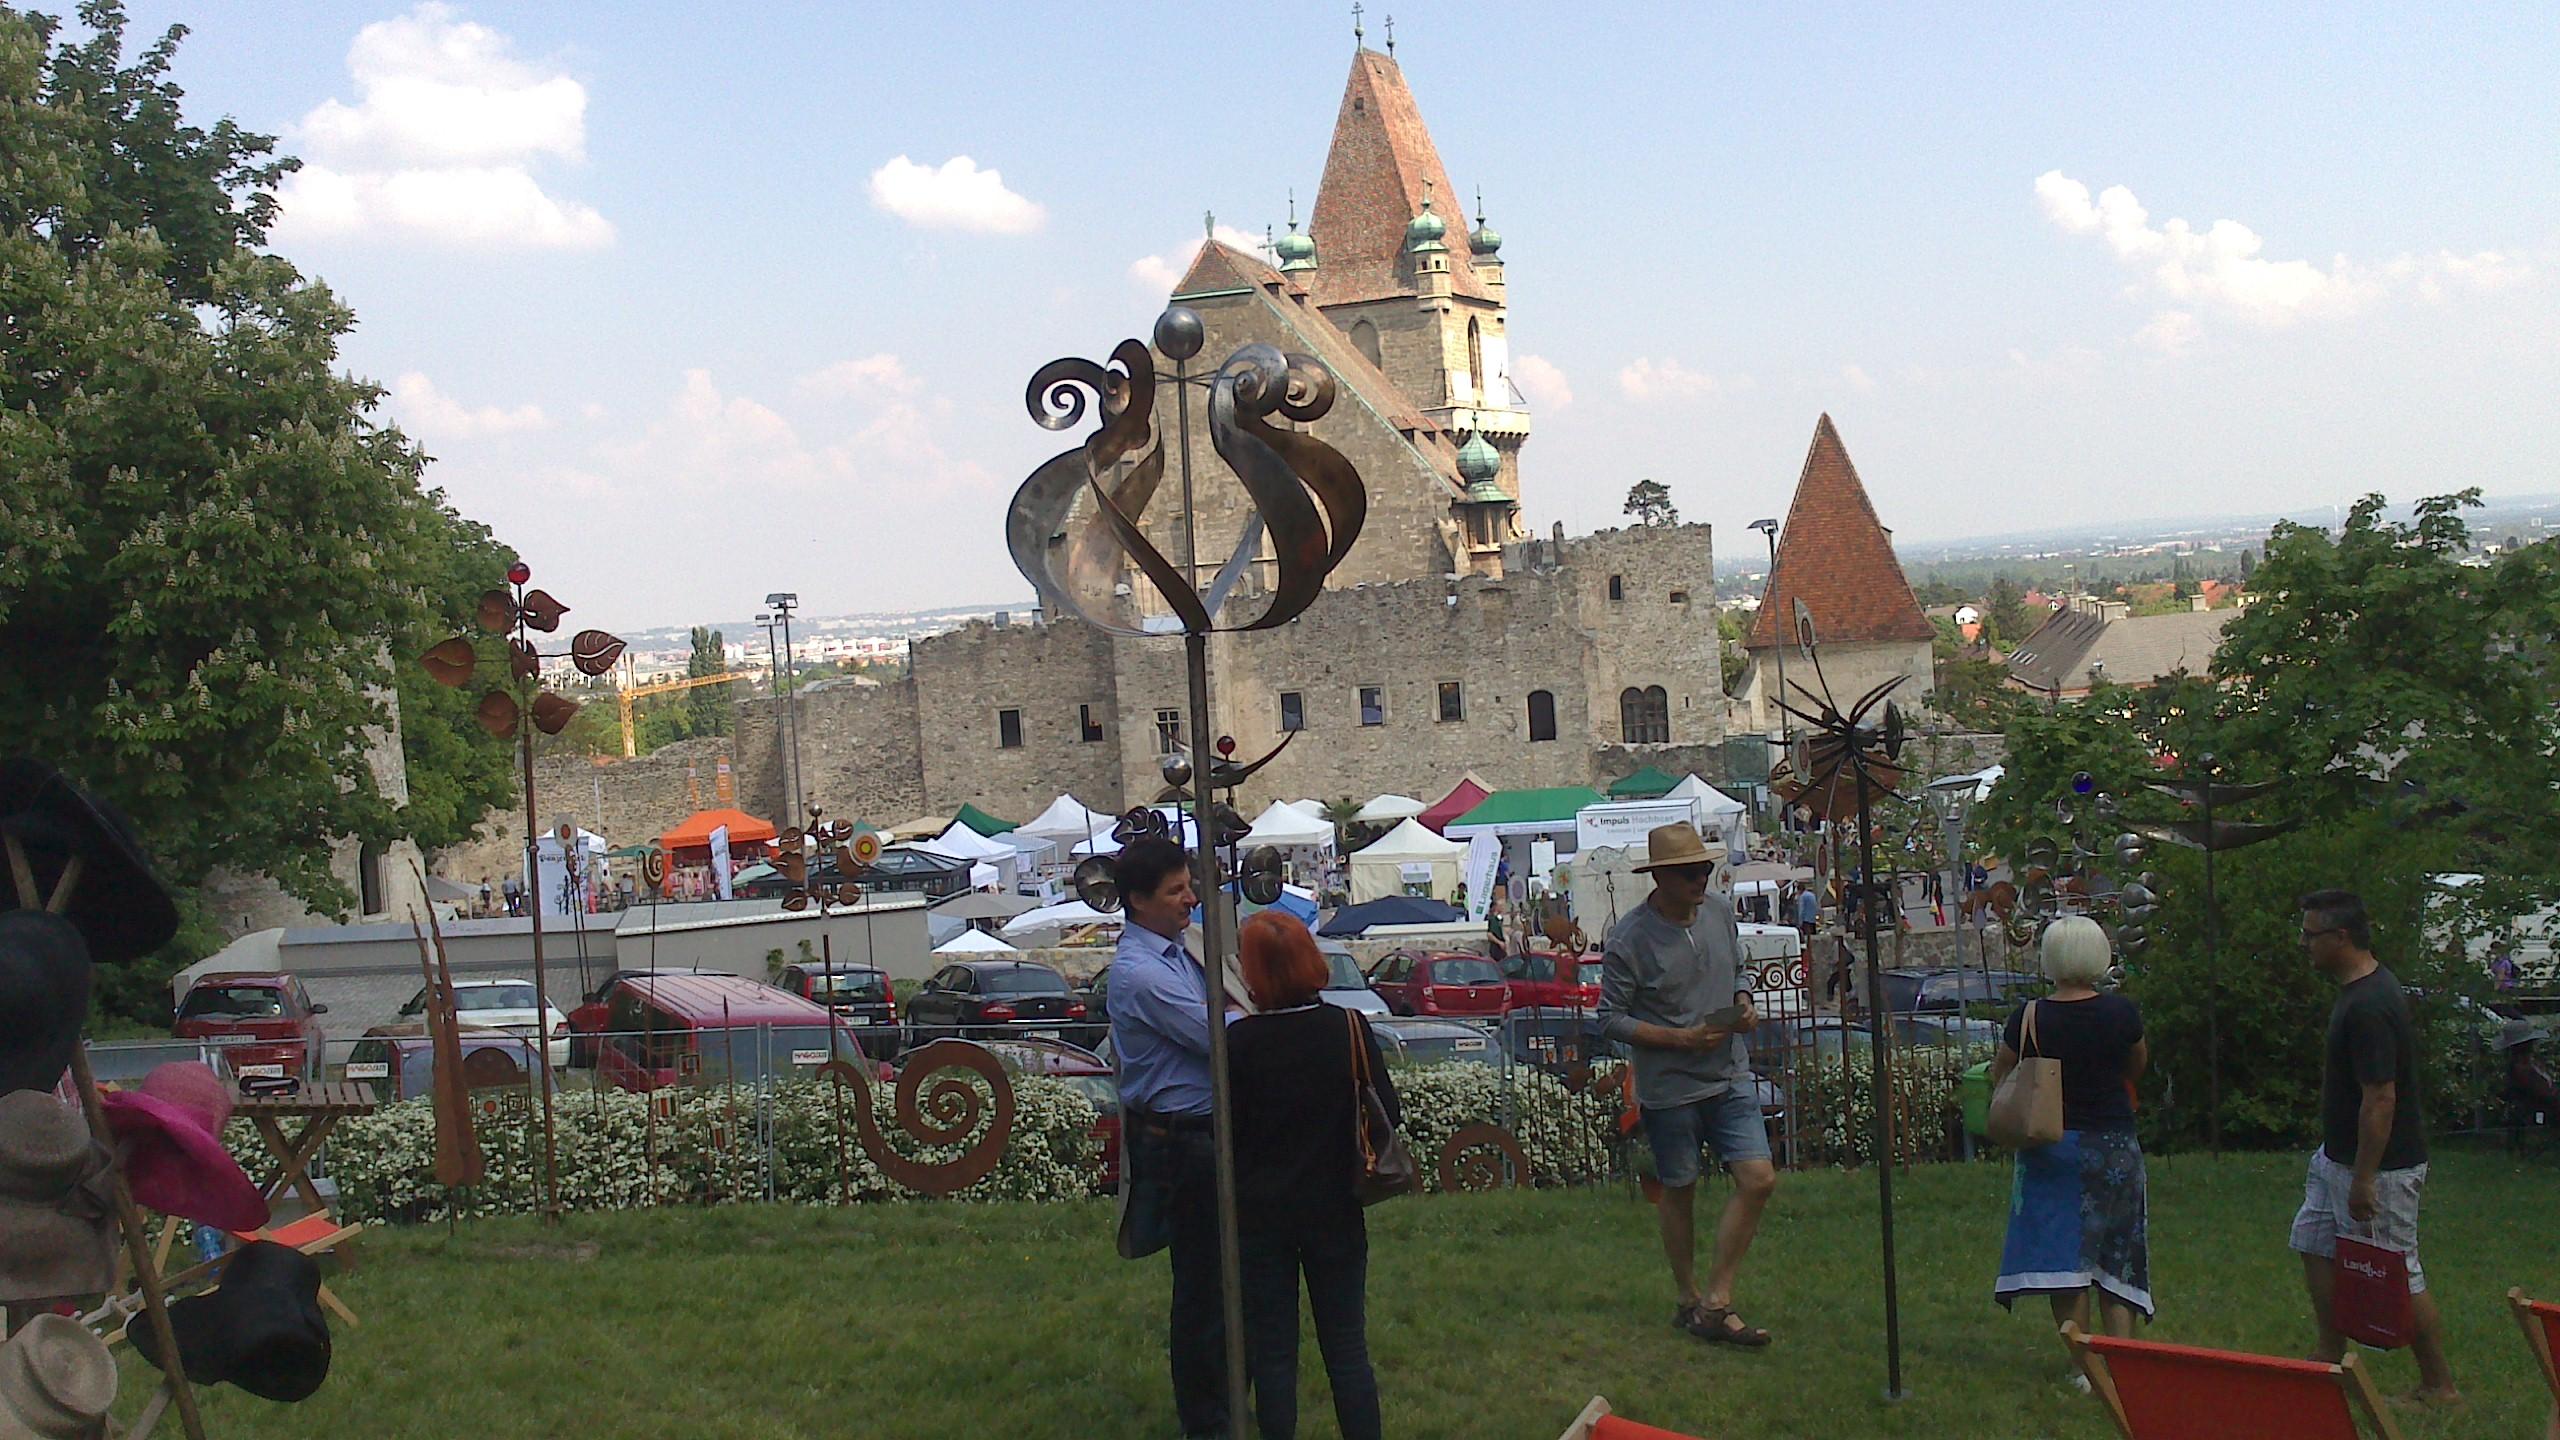 Mai 2014 Gartenfreuden Auf Der Burg Perchtolsdorf Balubad